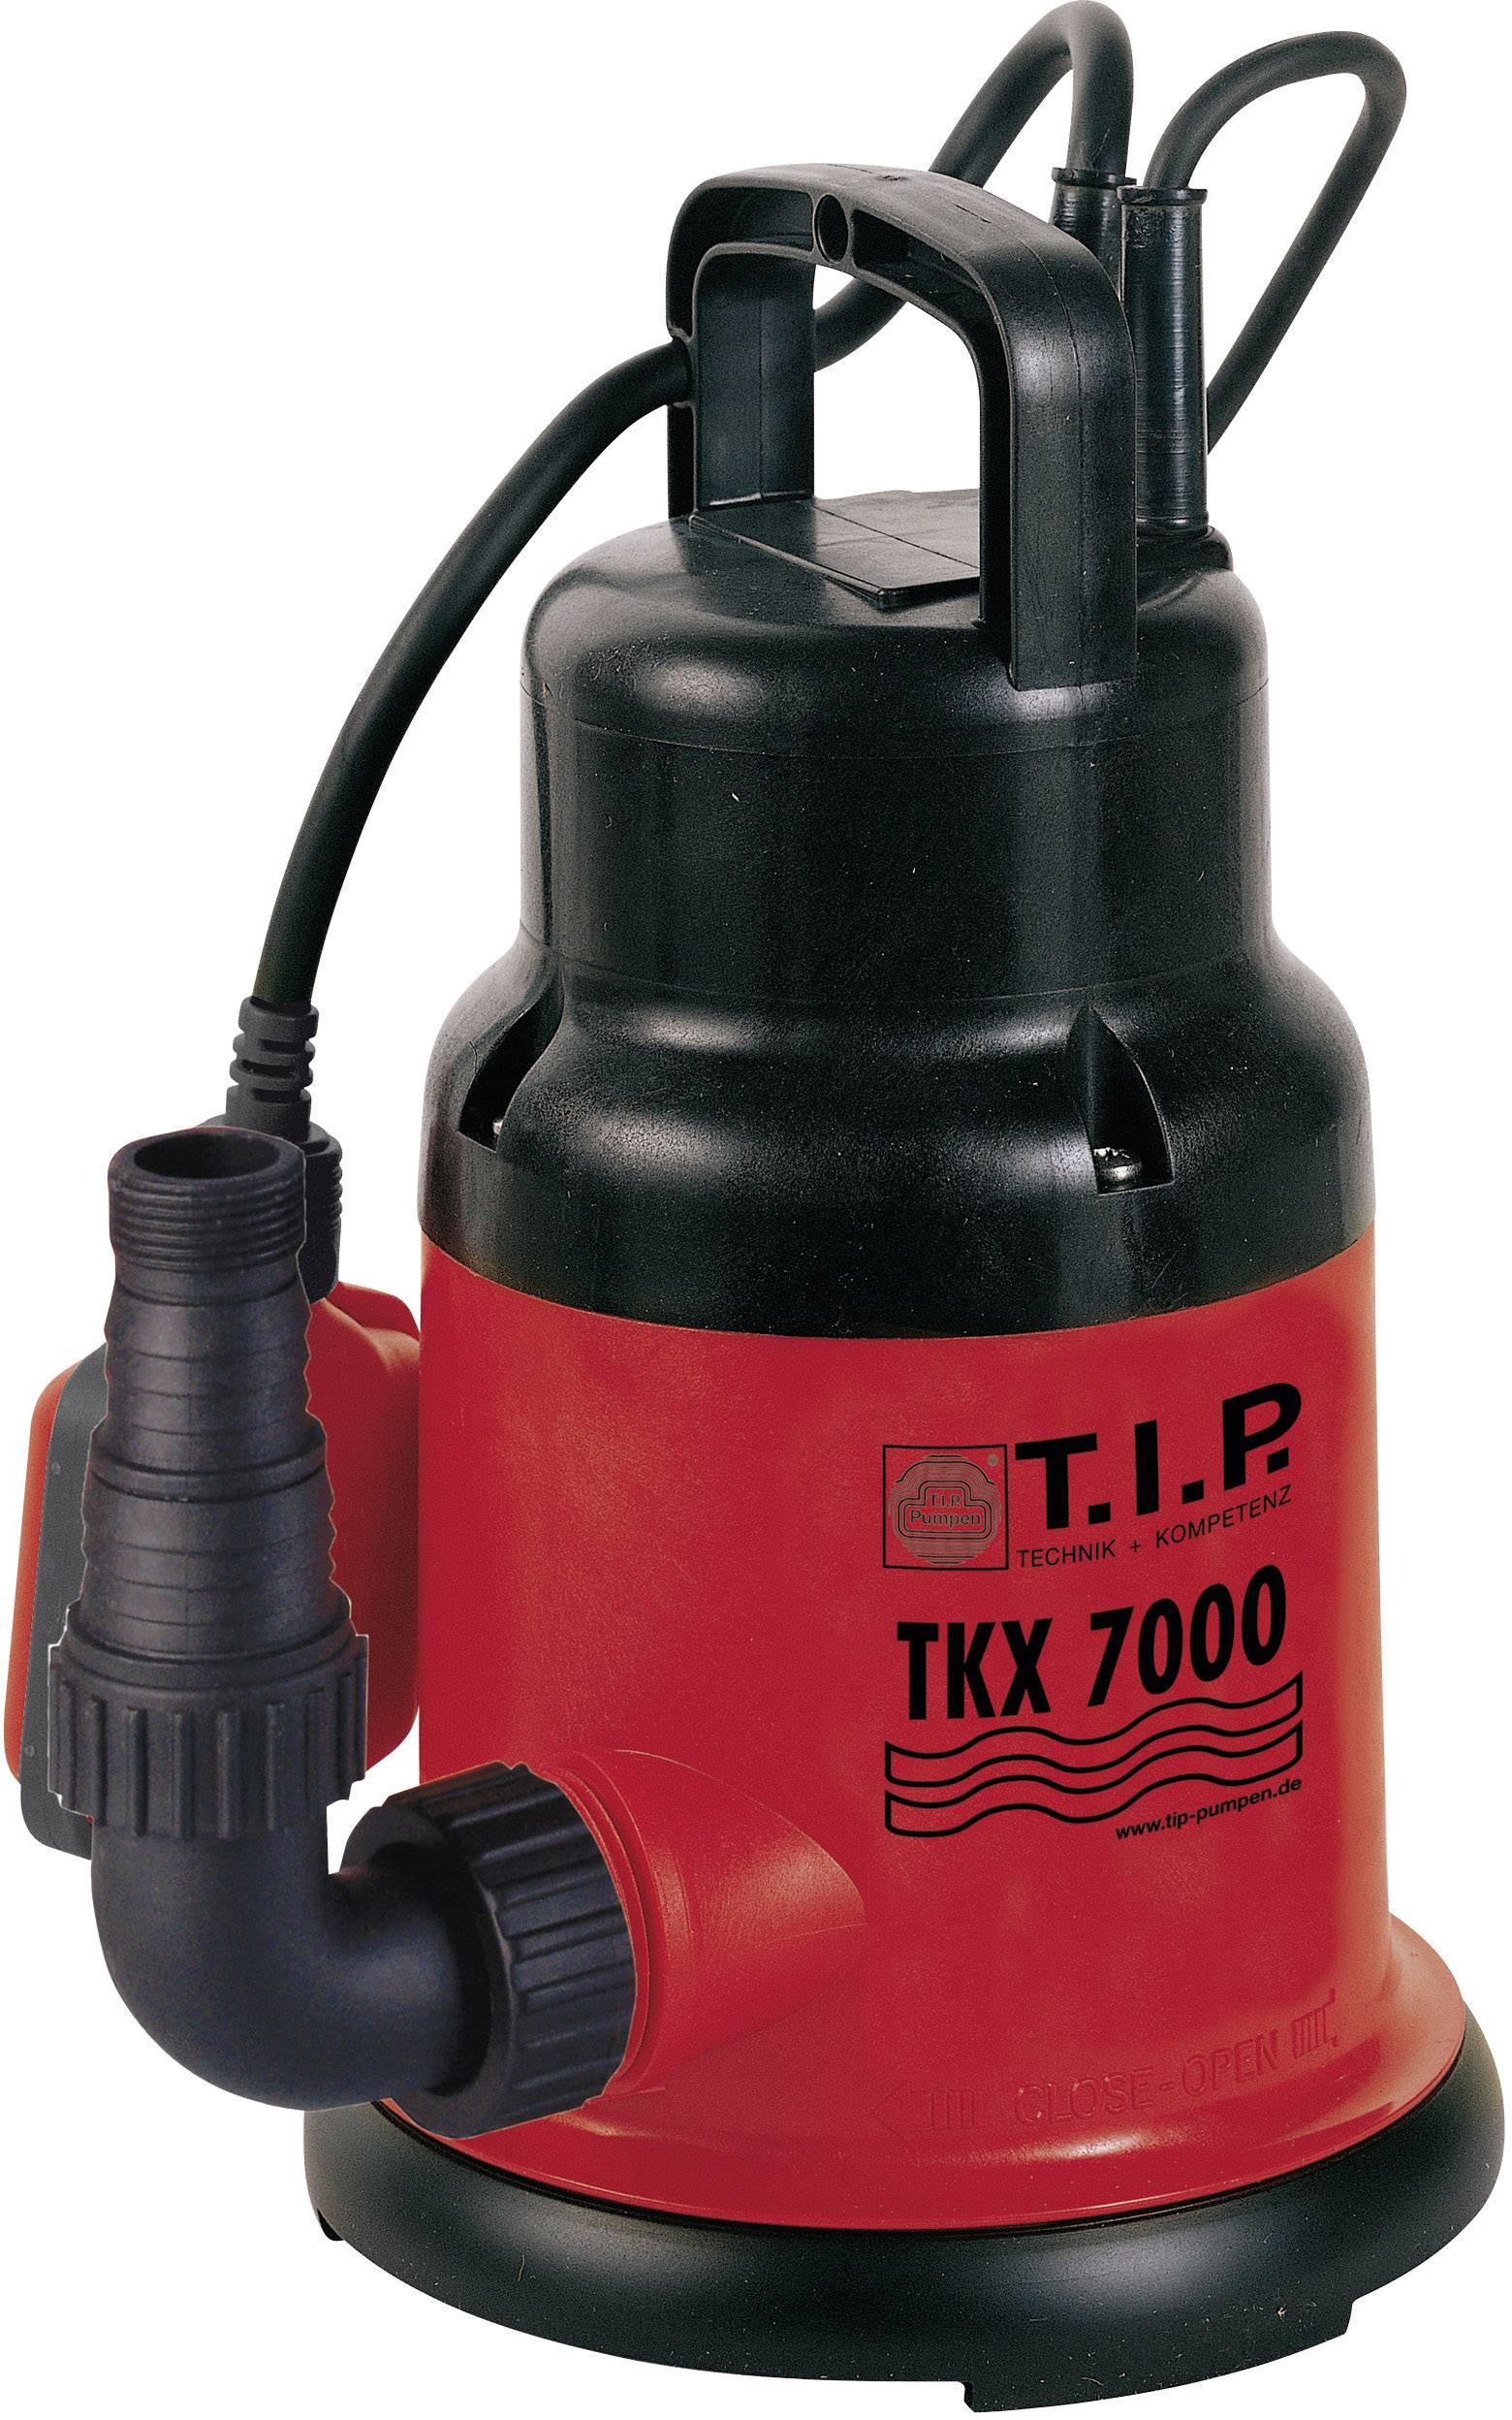 Ponorné čerpadlo na čistú vodu T.I.P. TKX 7000 30267, 300 W, 7000 l/h, 6 m